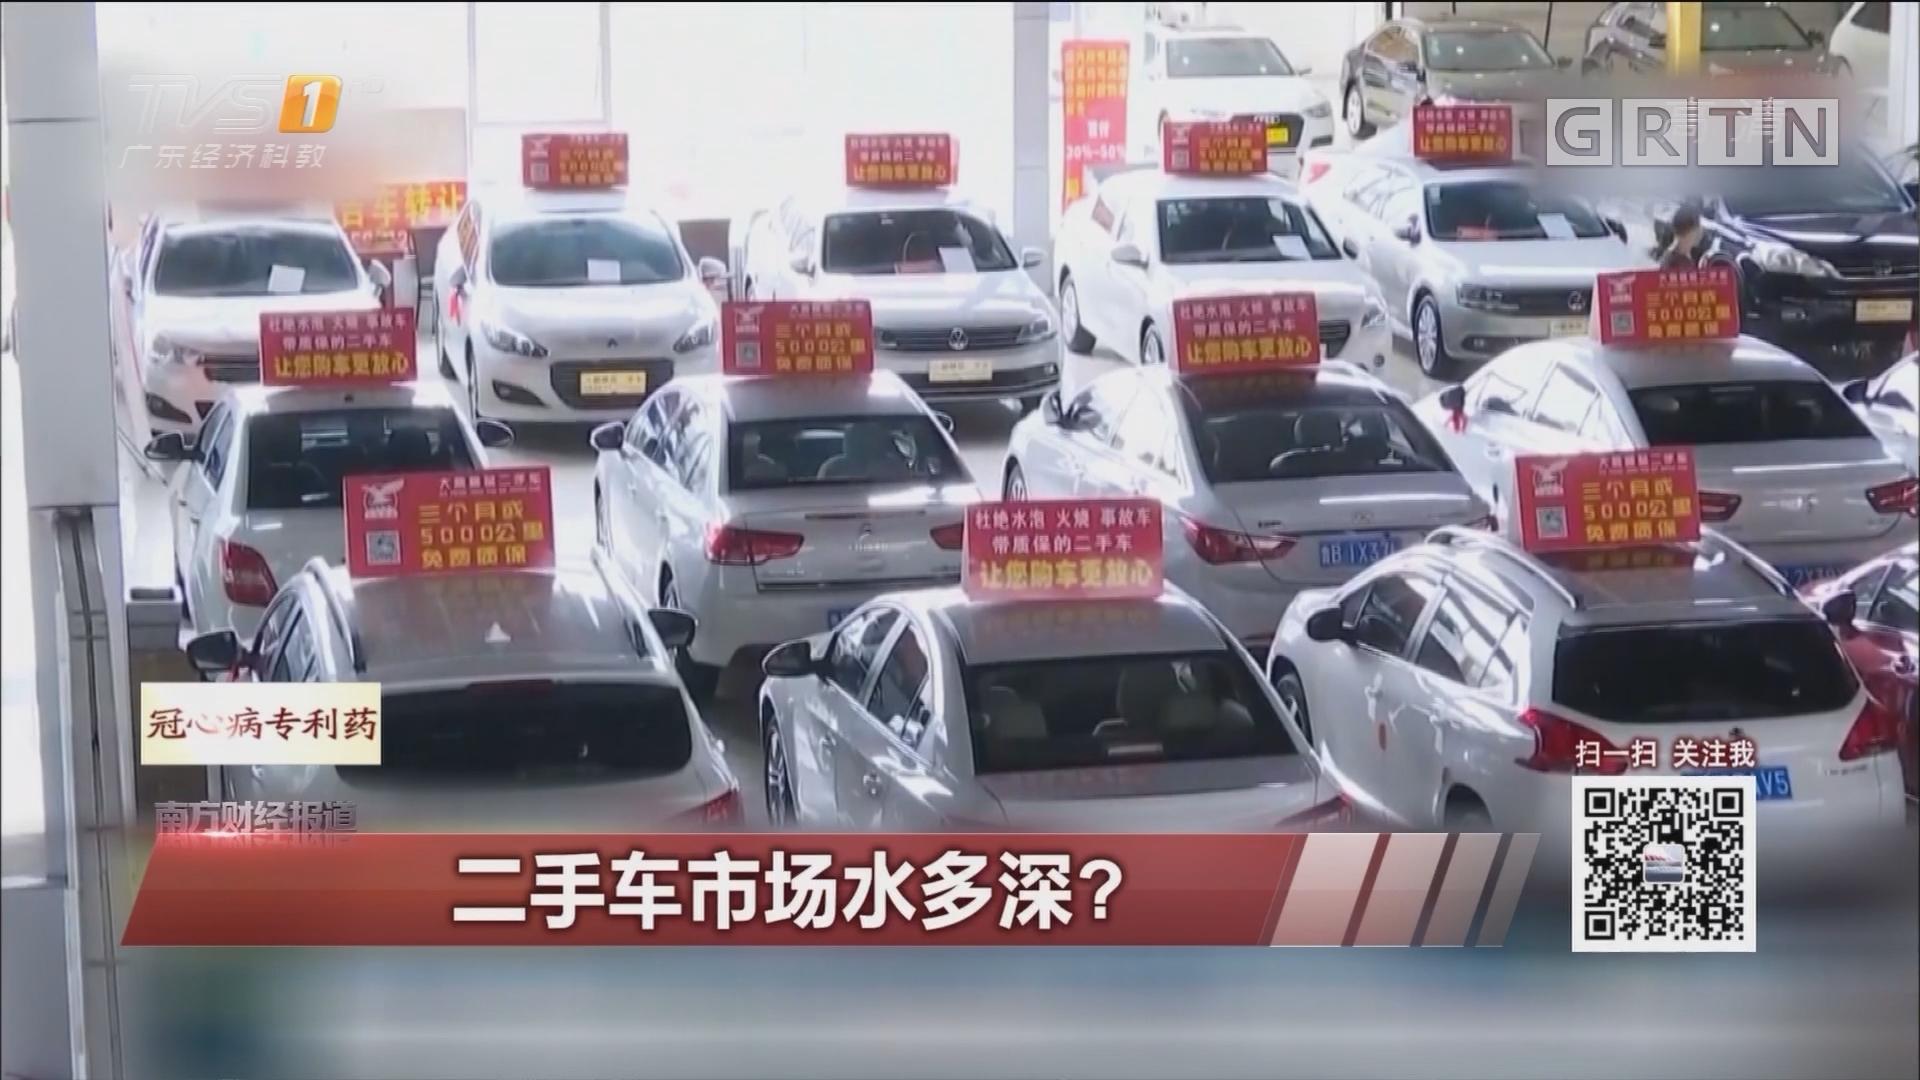 二手车市场水多深?